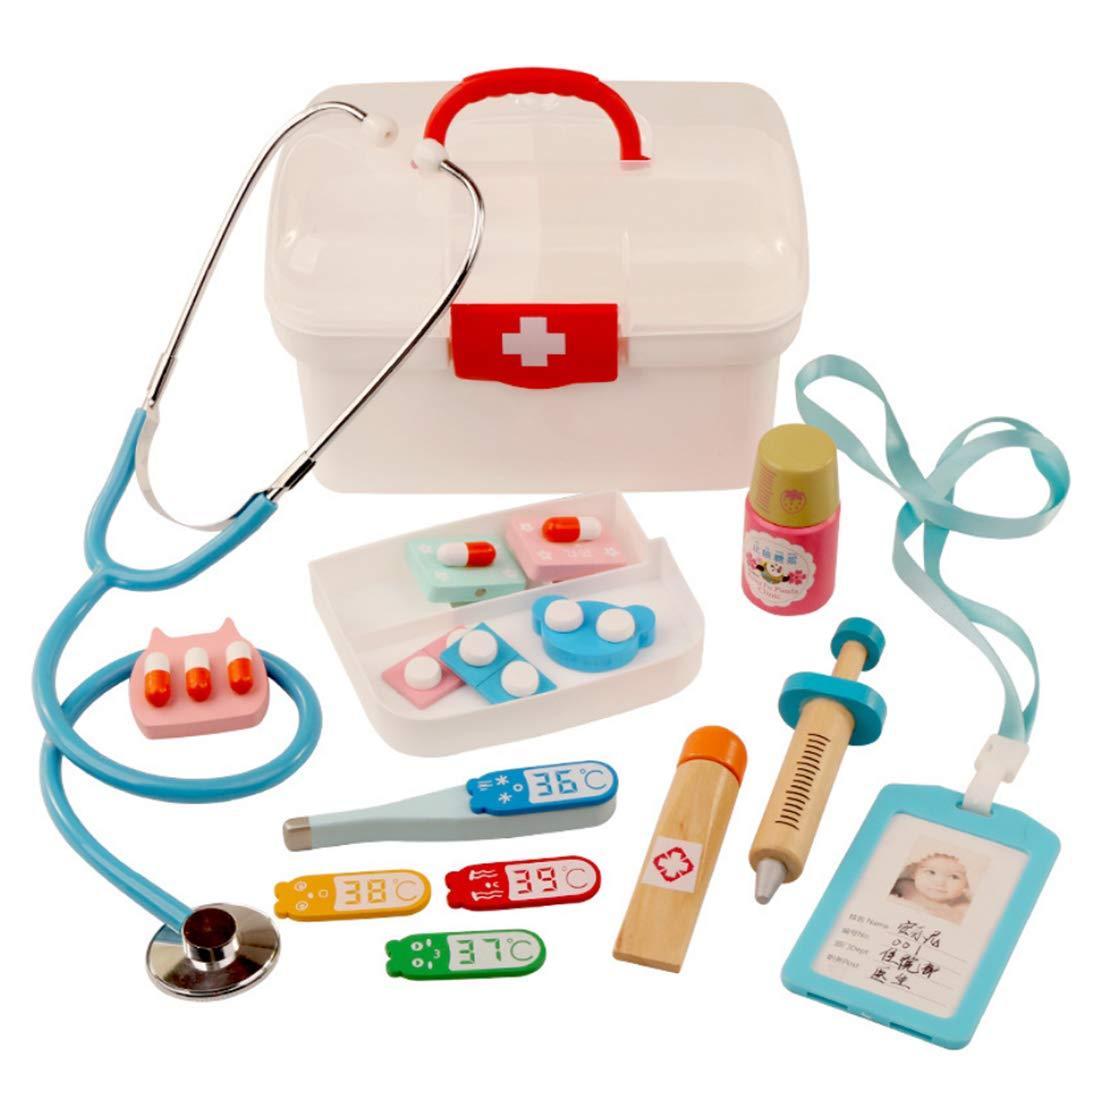 Rolanli Arztkoffer Kinder, 16 Stü ck Arztkoffer Holz Emulational Medizinisches Spielzeug fü r Kinder Rollenspiele